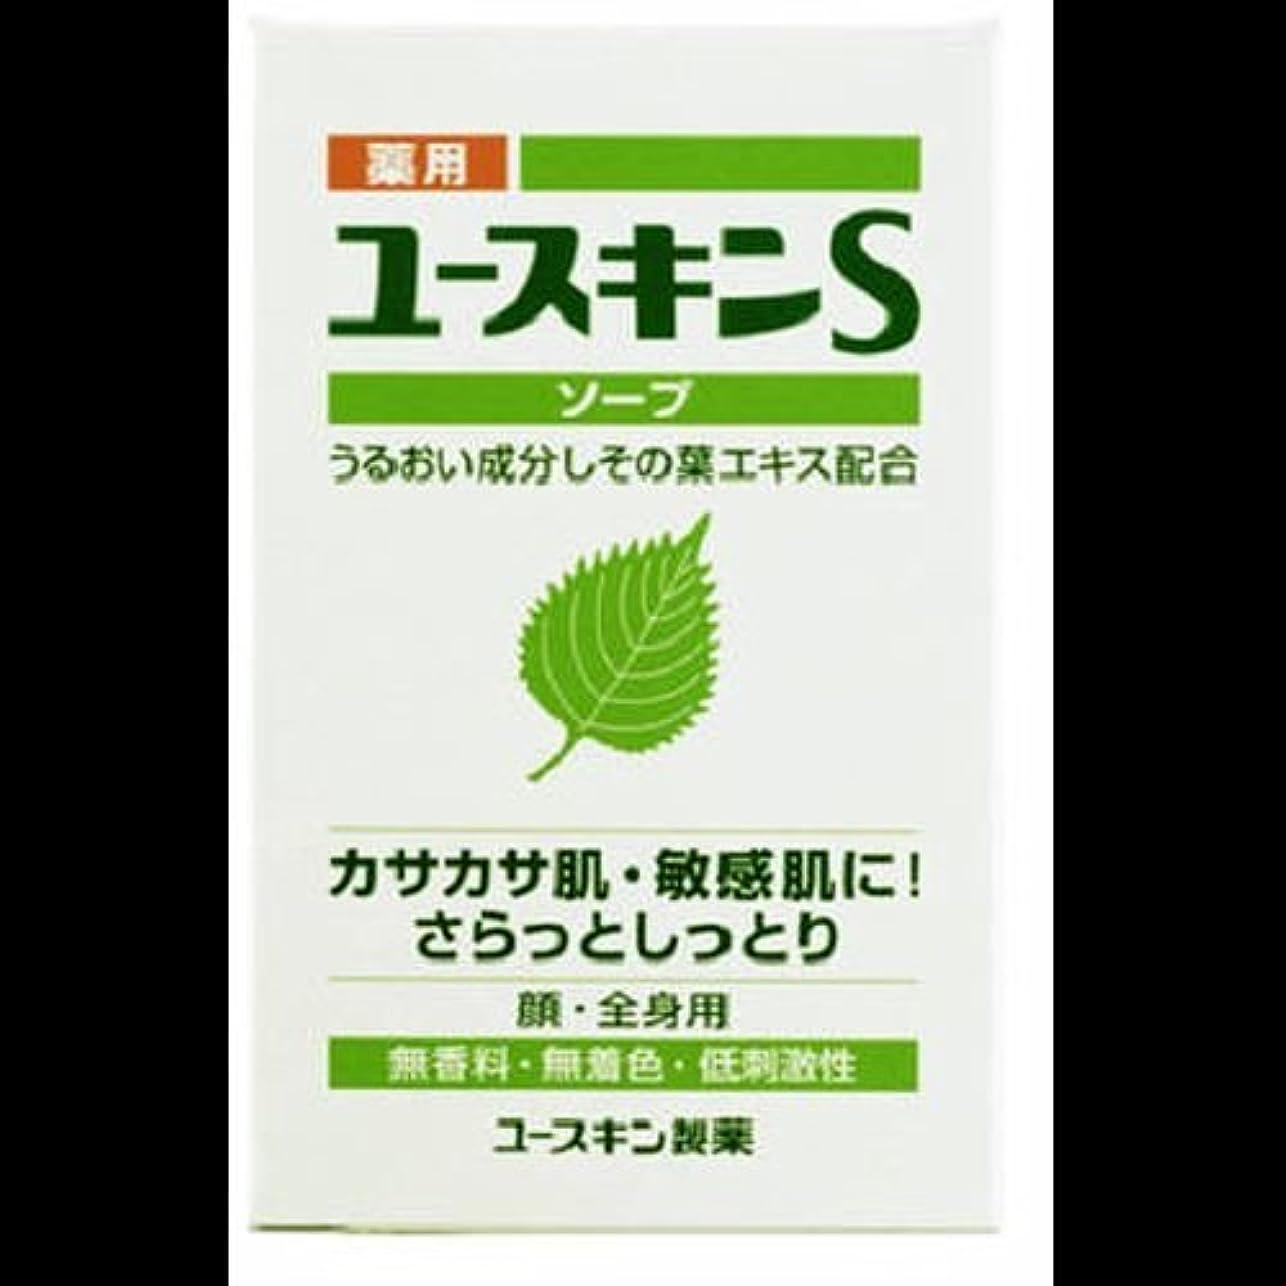 【まとめ買い】Sソープ 90g ×2セット